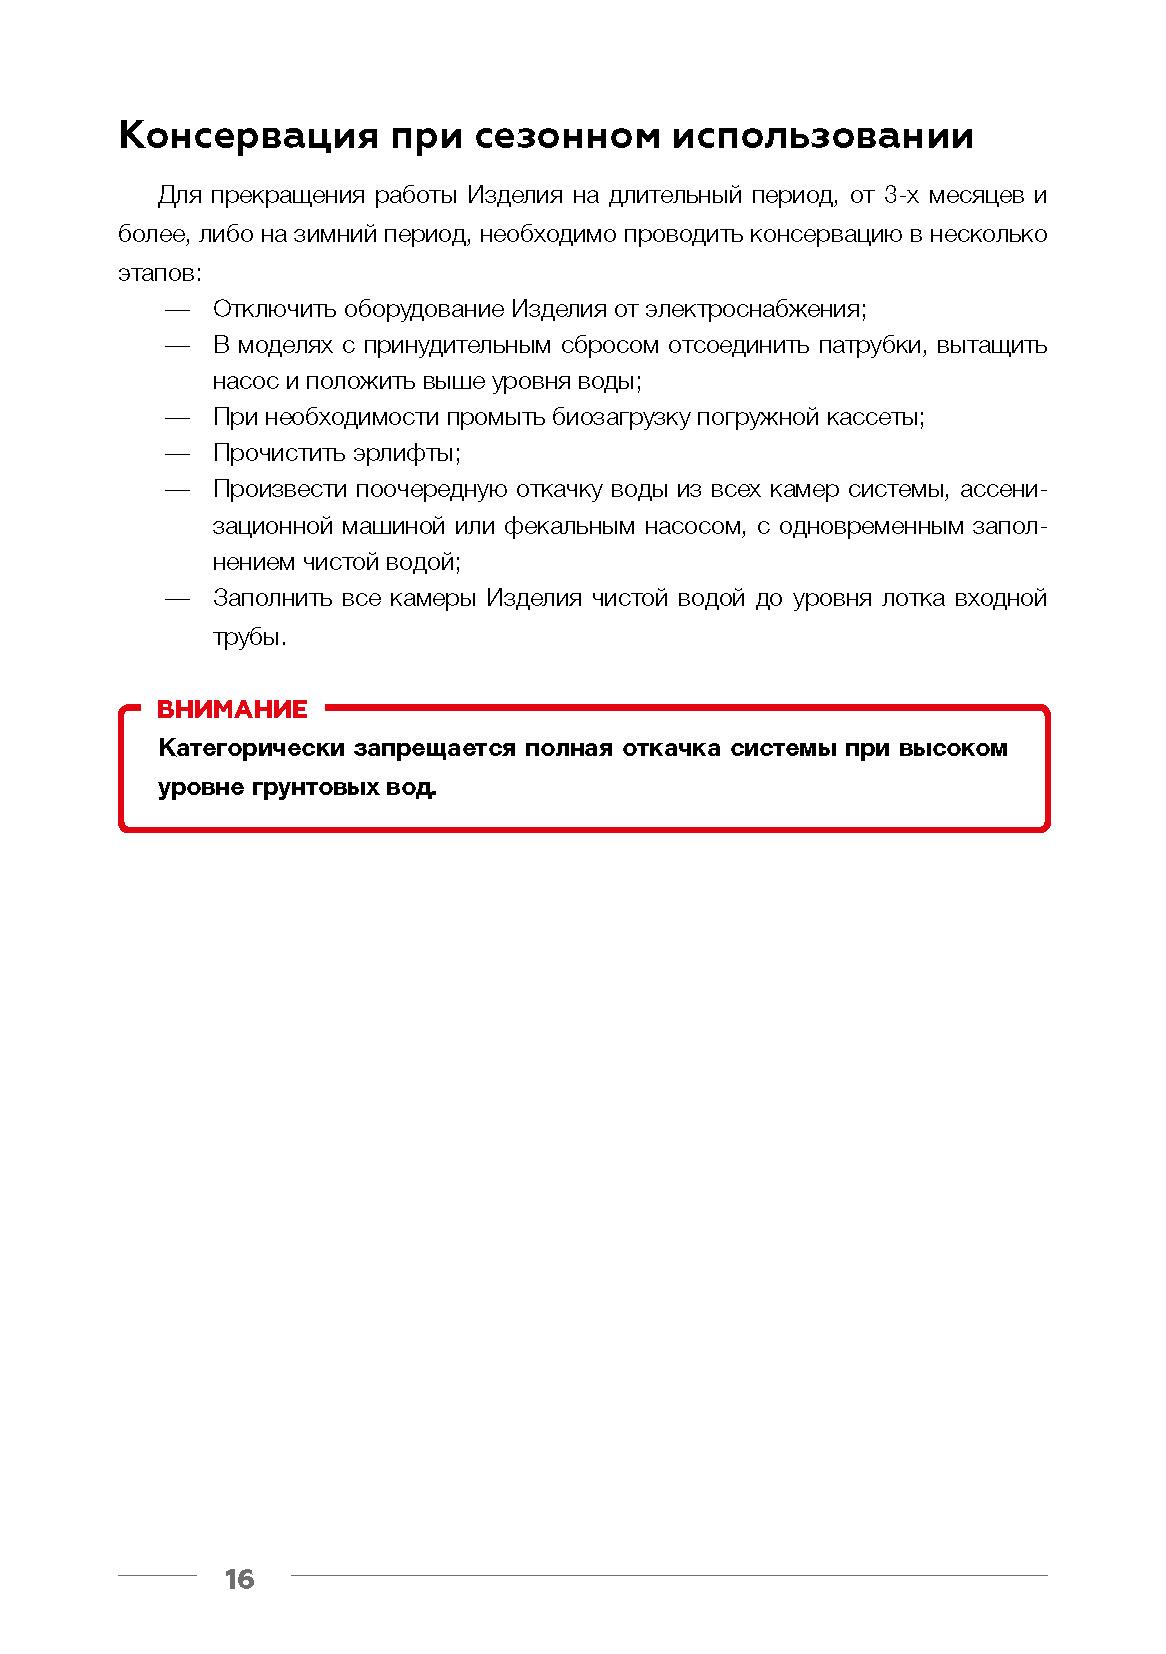 Технический паспорт Евролос Про_Страница_18